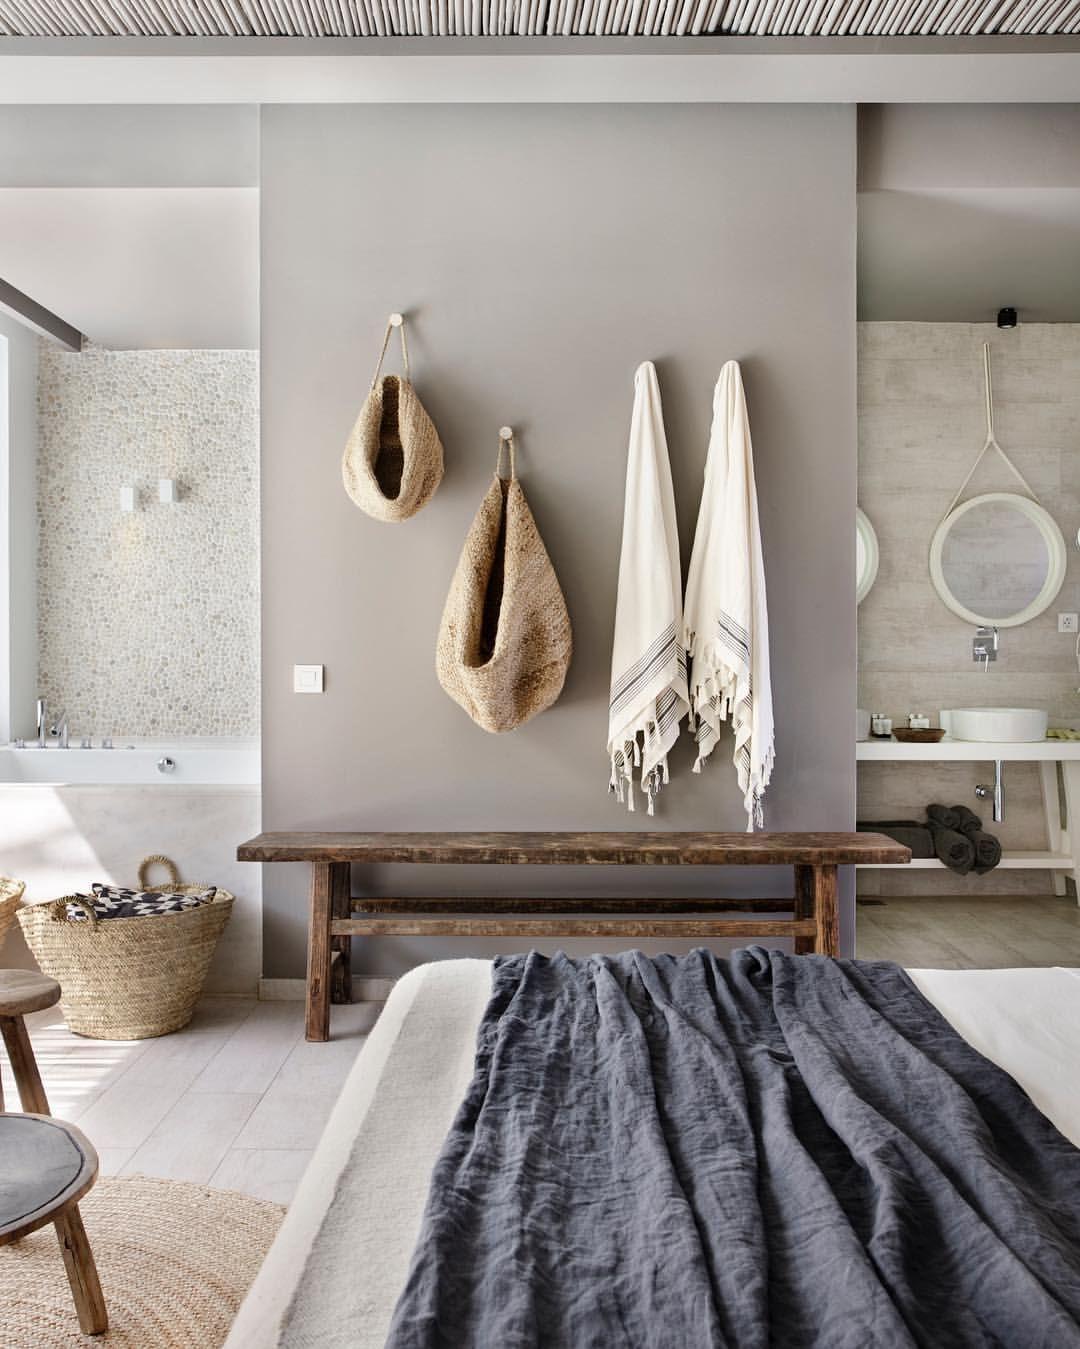 19 mẫu phòng ngủ hài hòa và thư thái theo phong cách Zen - Ảnh 10.